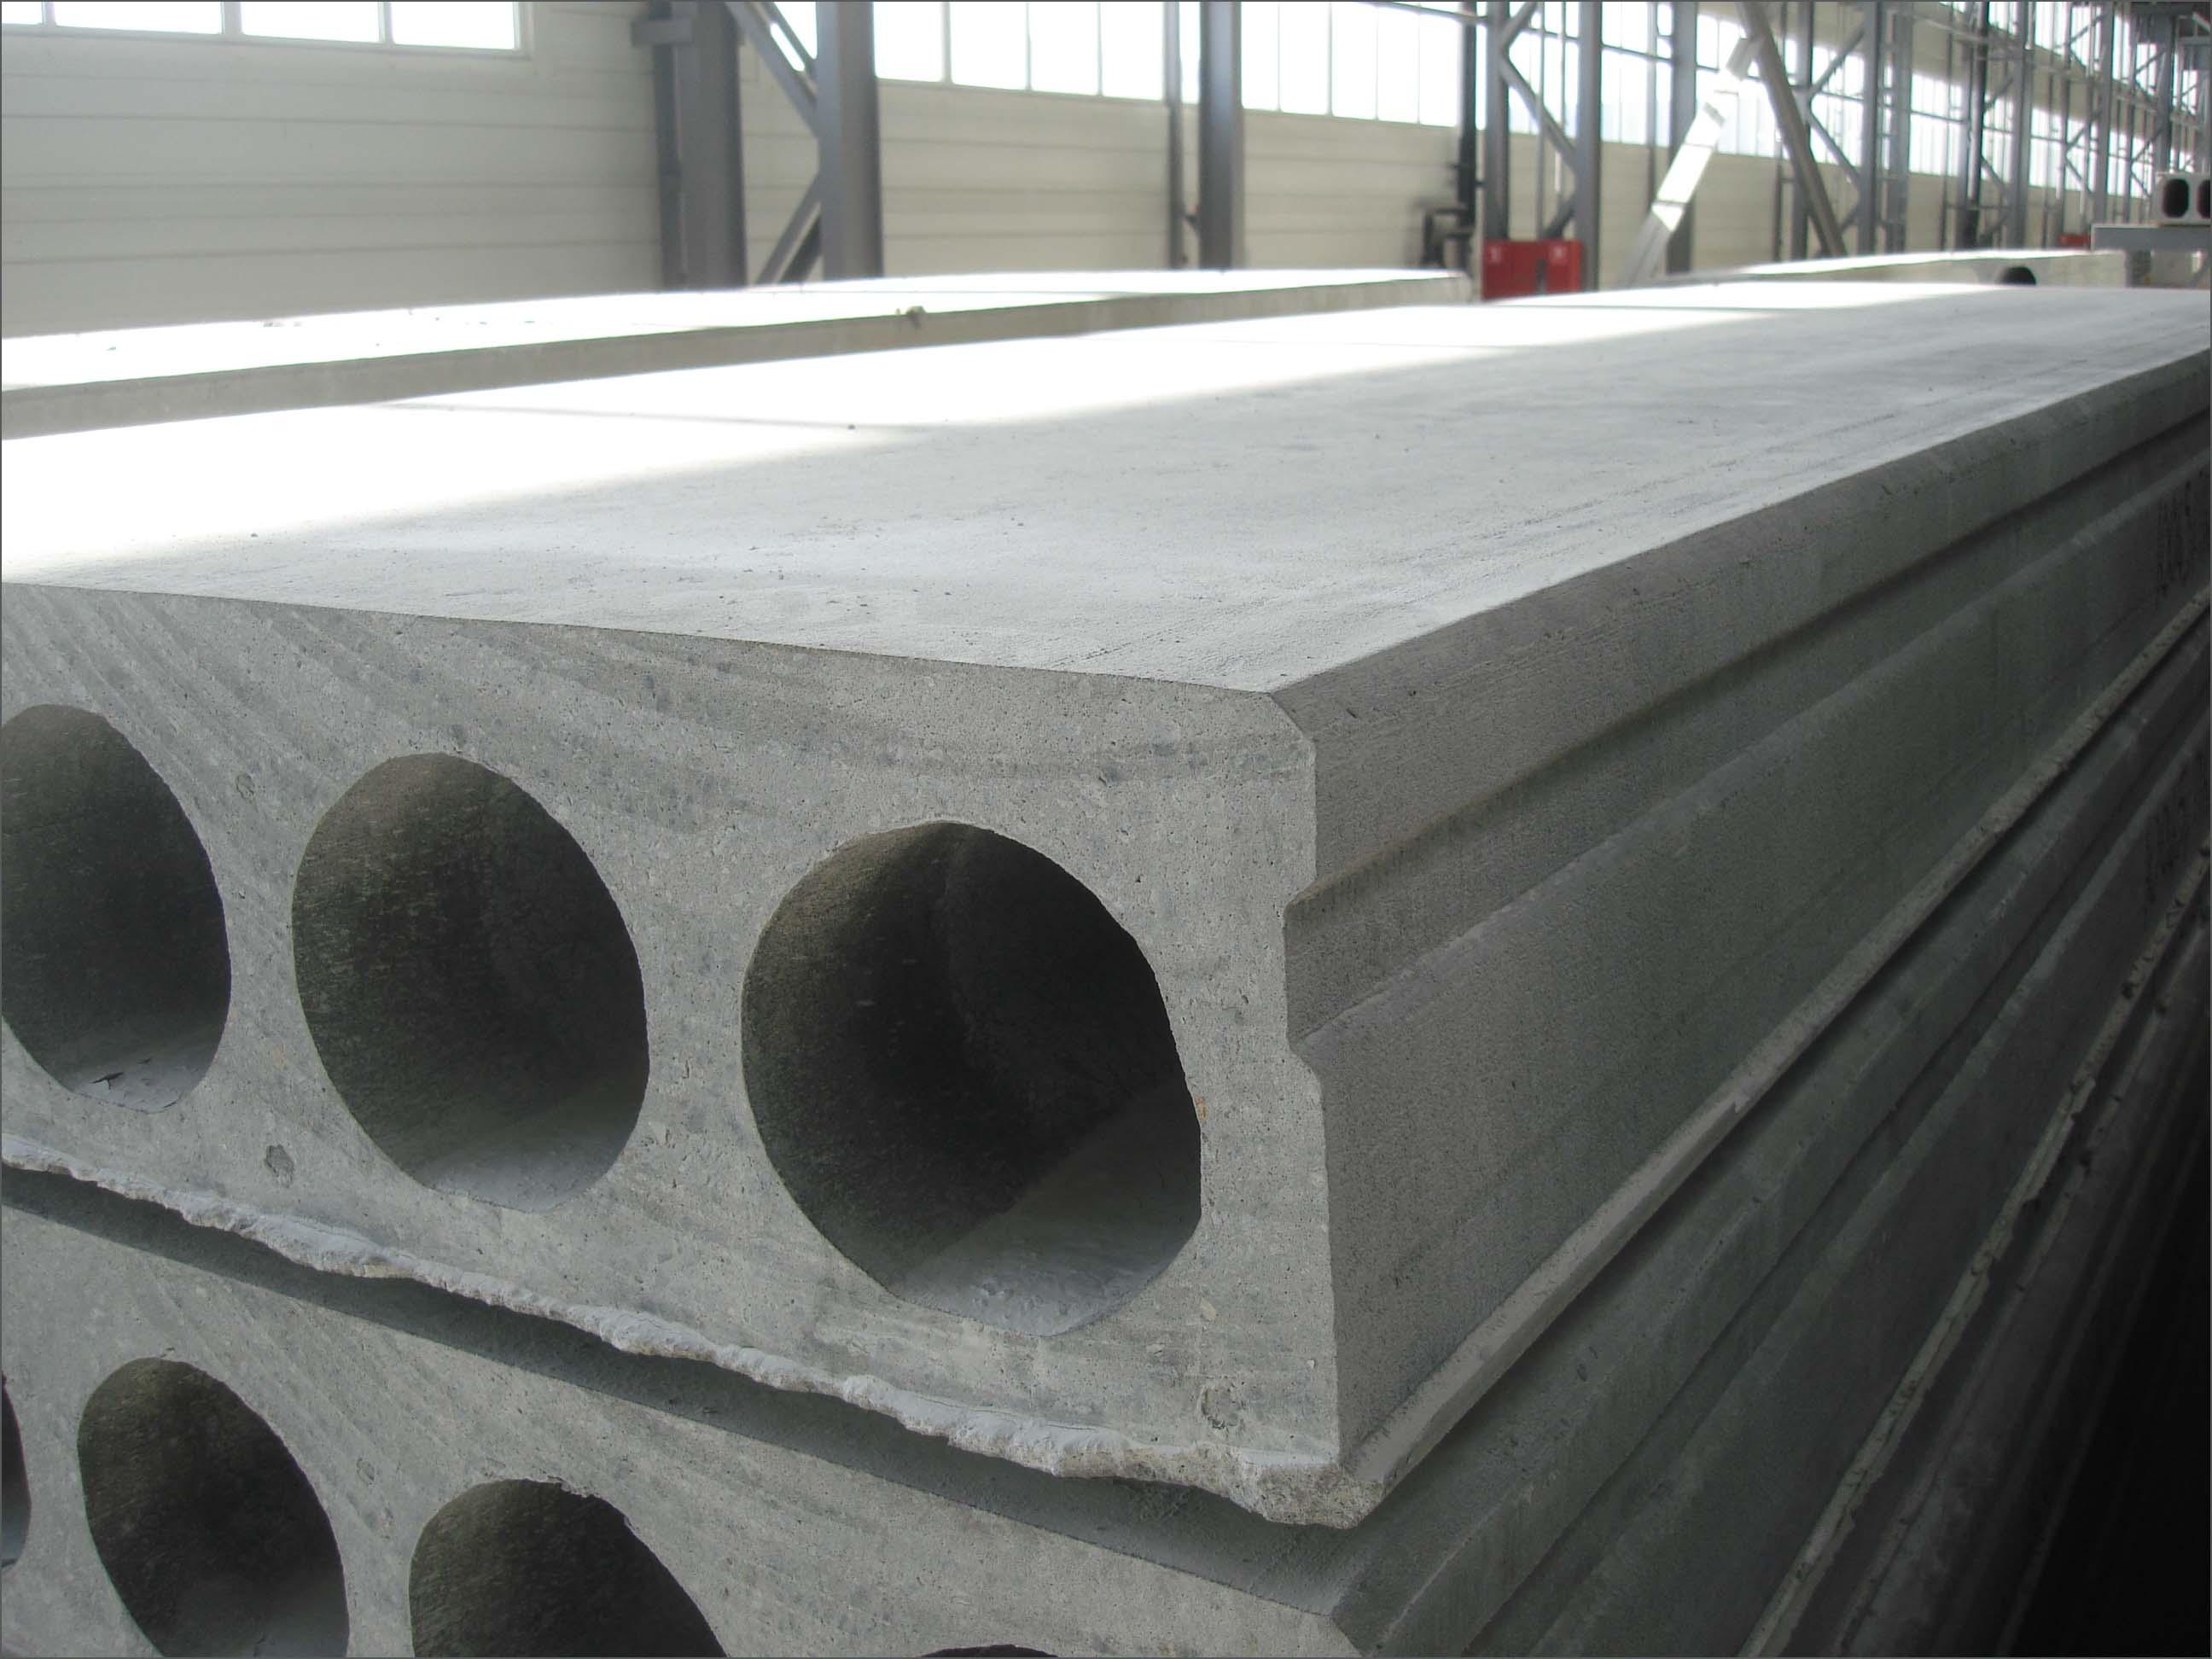 Плиты перекрытия: подготовка основания, последовательность монтажных работ и повышение несущей способности